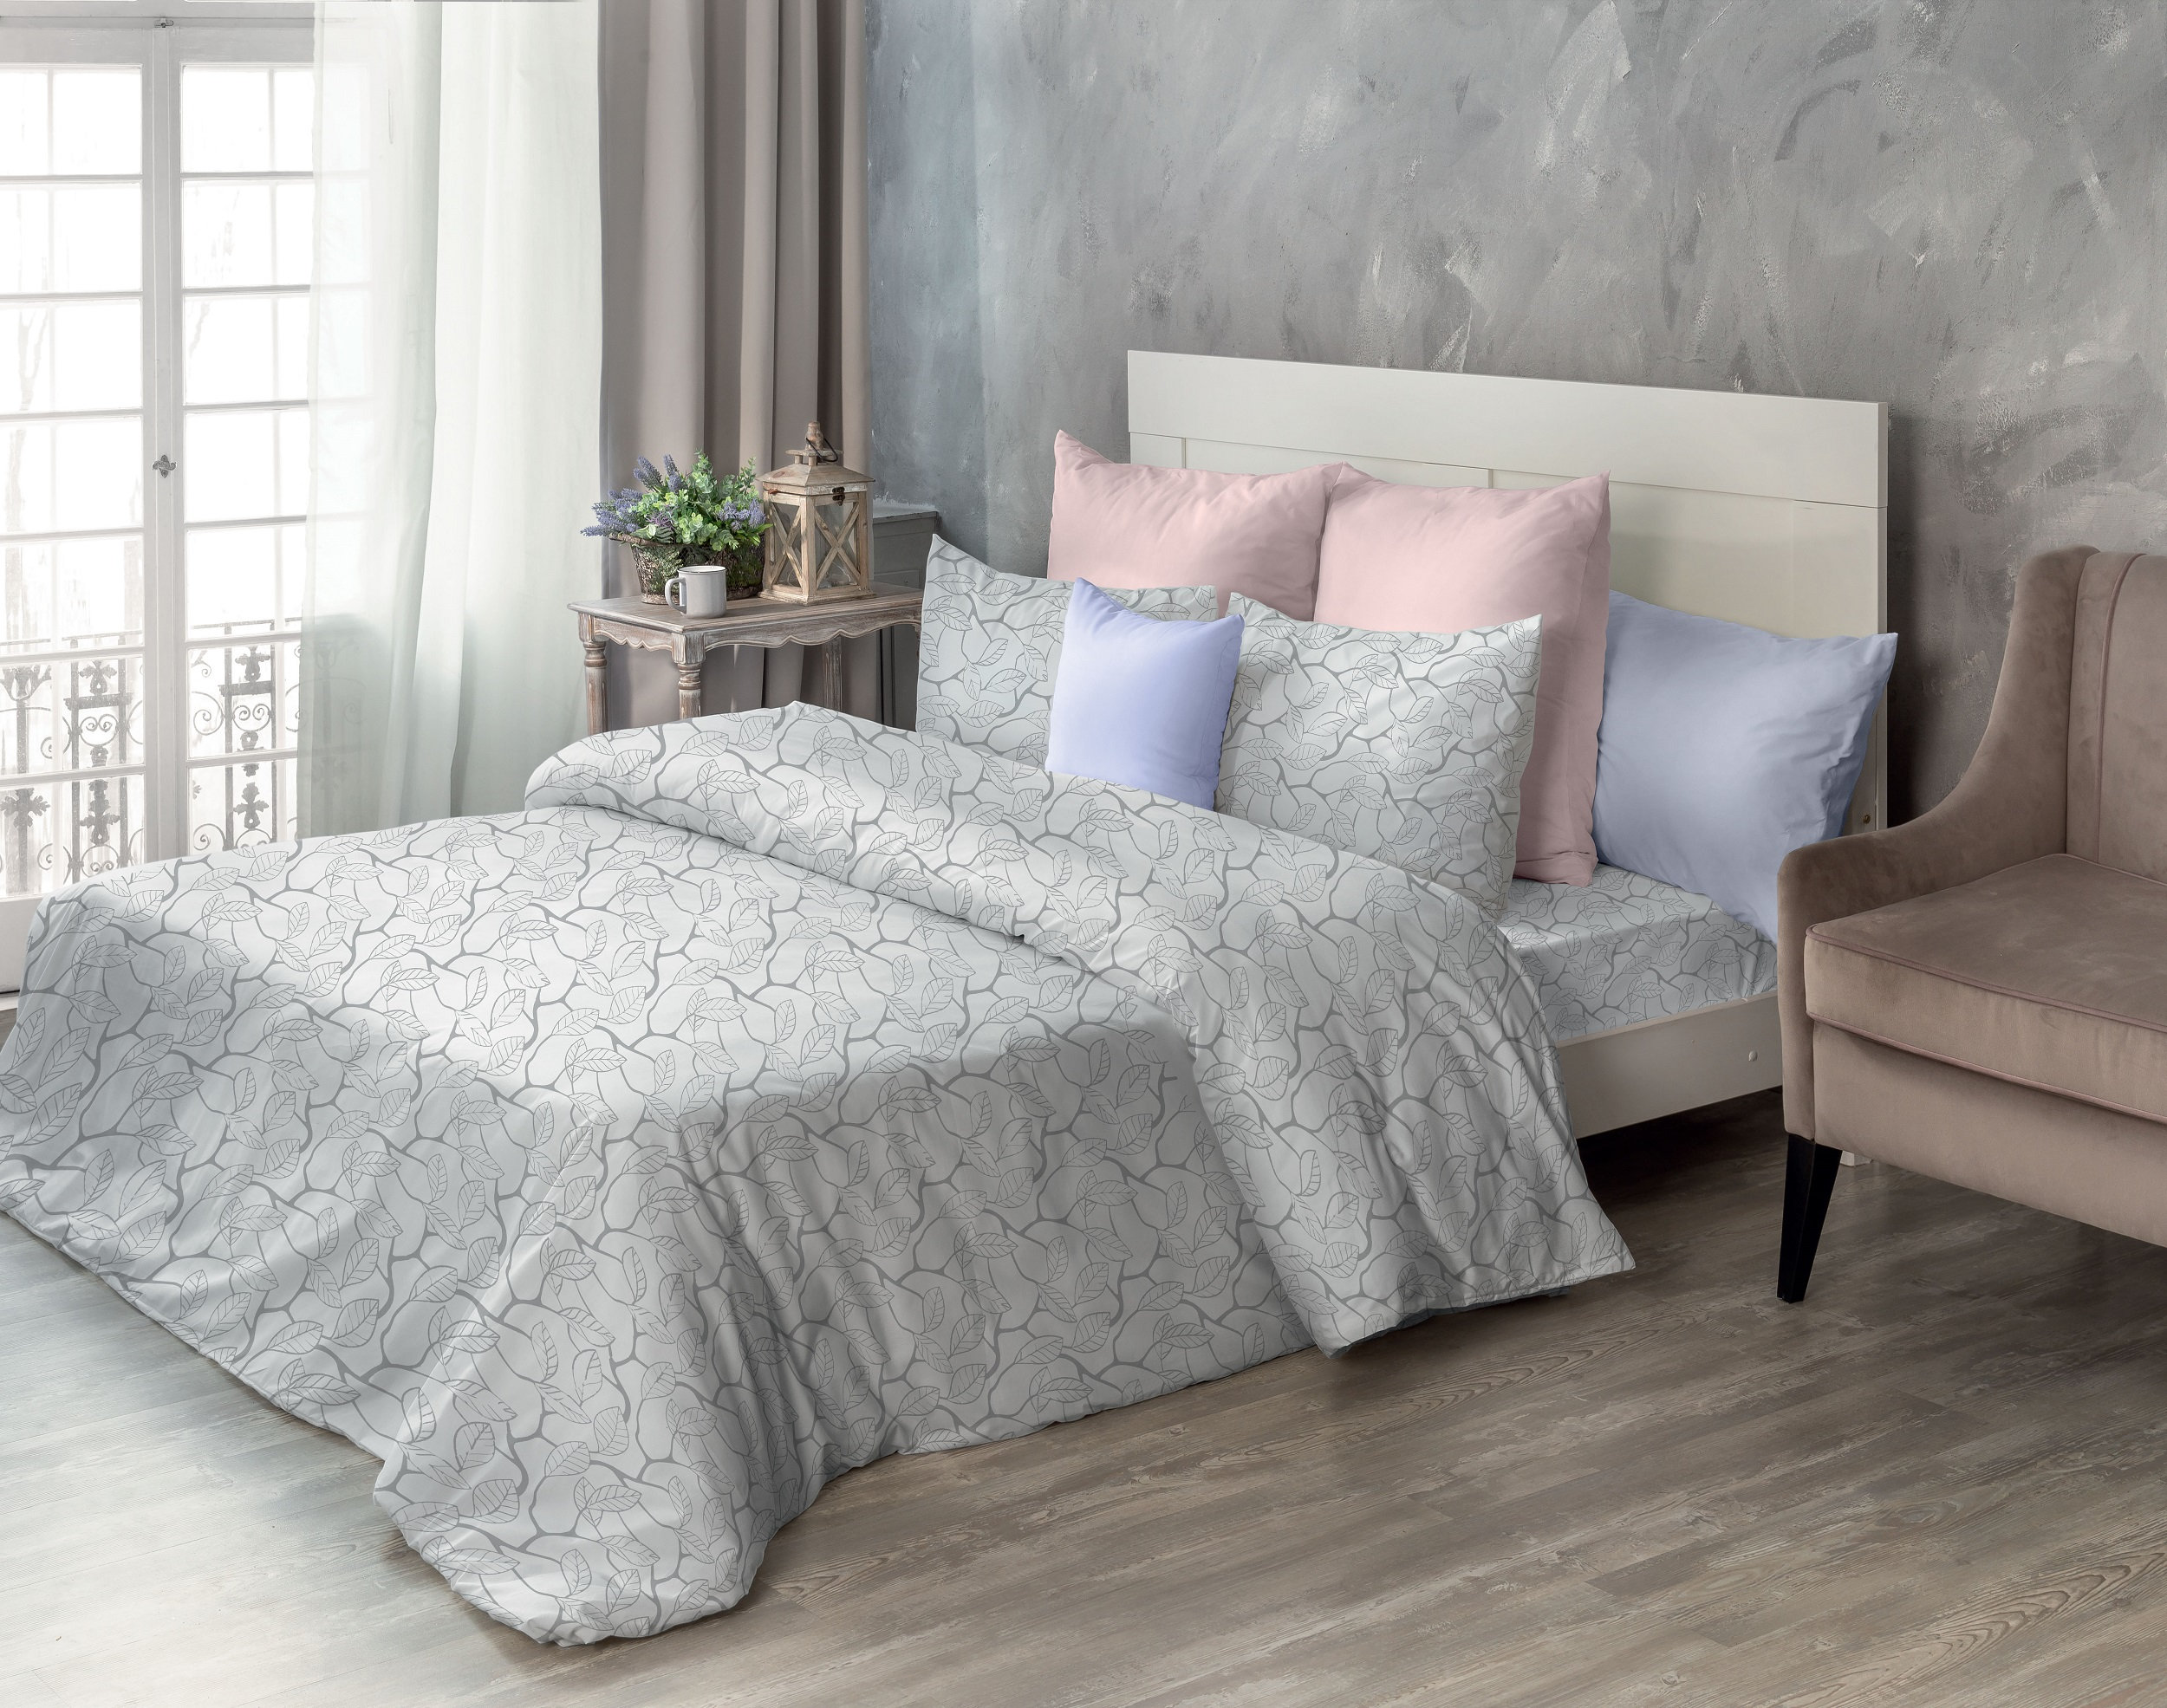 Комплект постельного белья Самойловский текстиль Самойловский текстиль евро